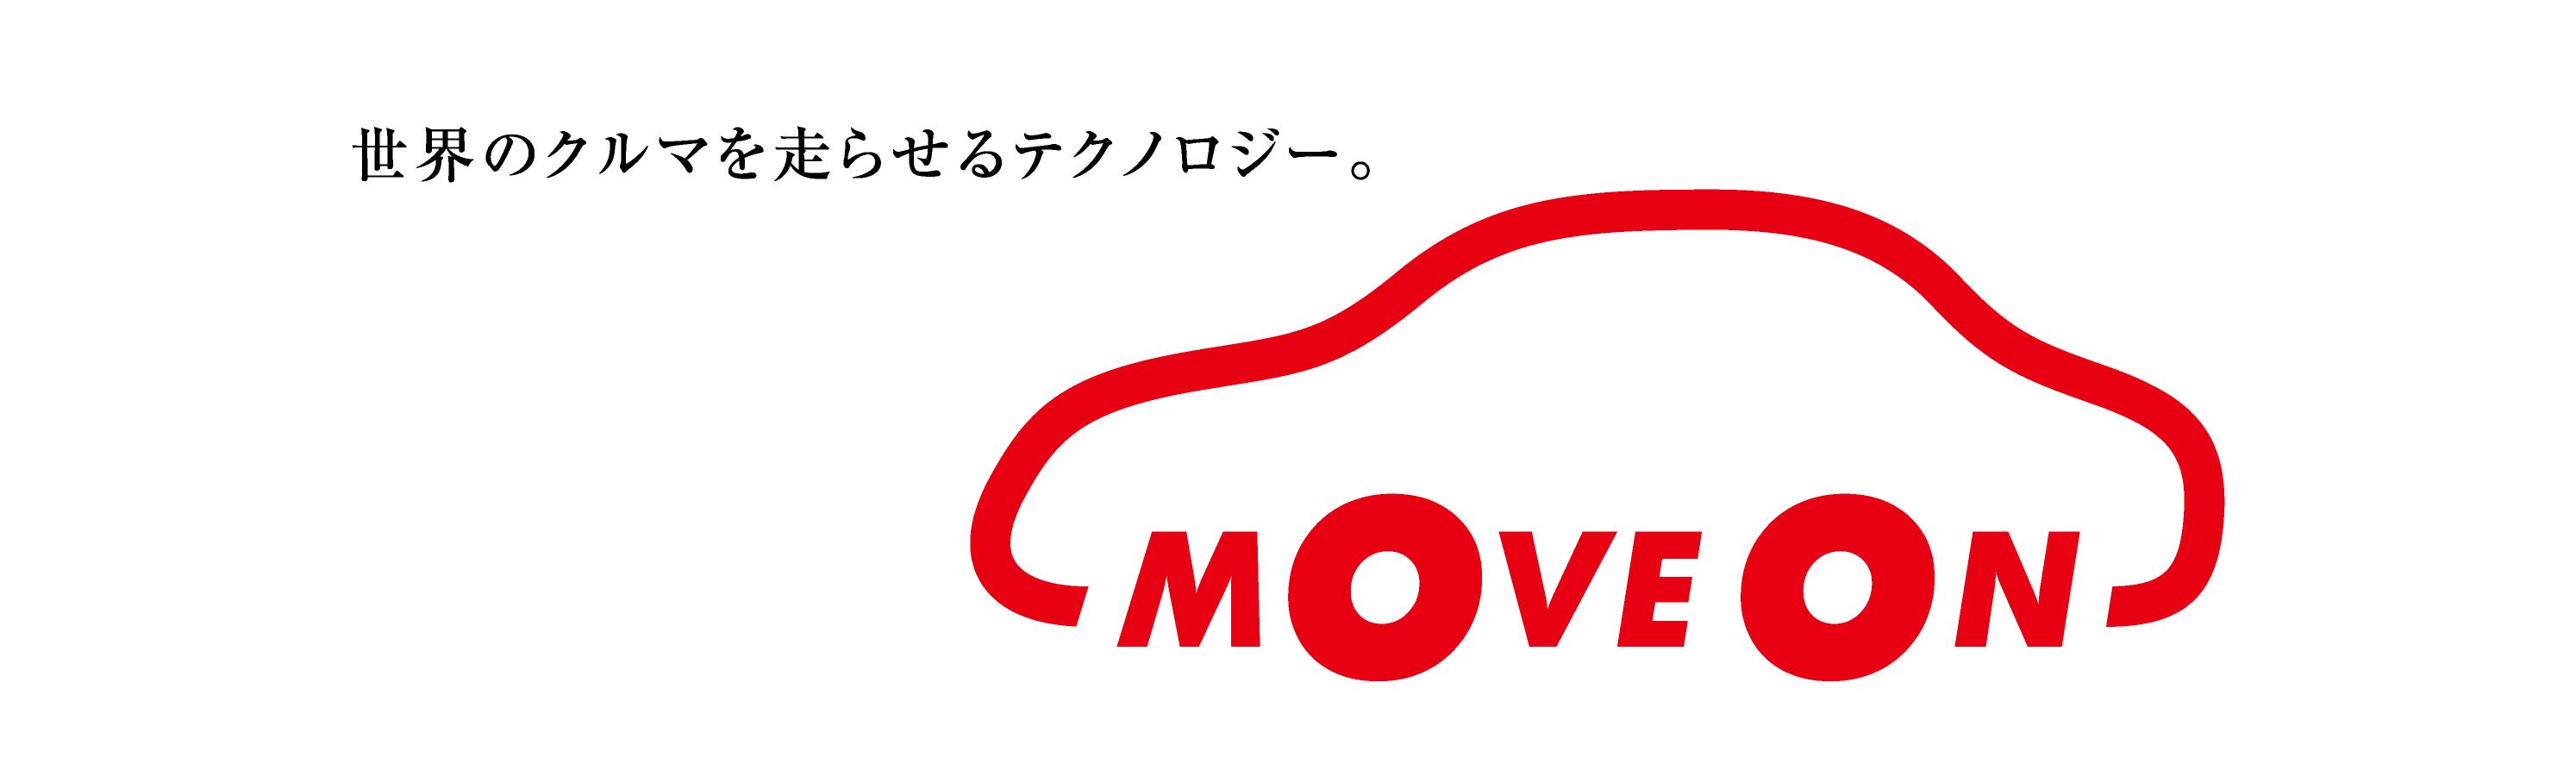 「MOVE ON」世界のクルマを走らせるテクノロジー